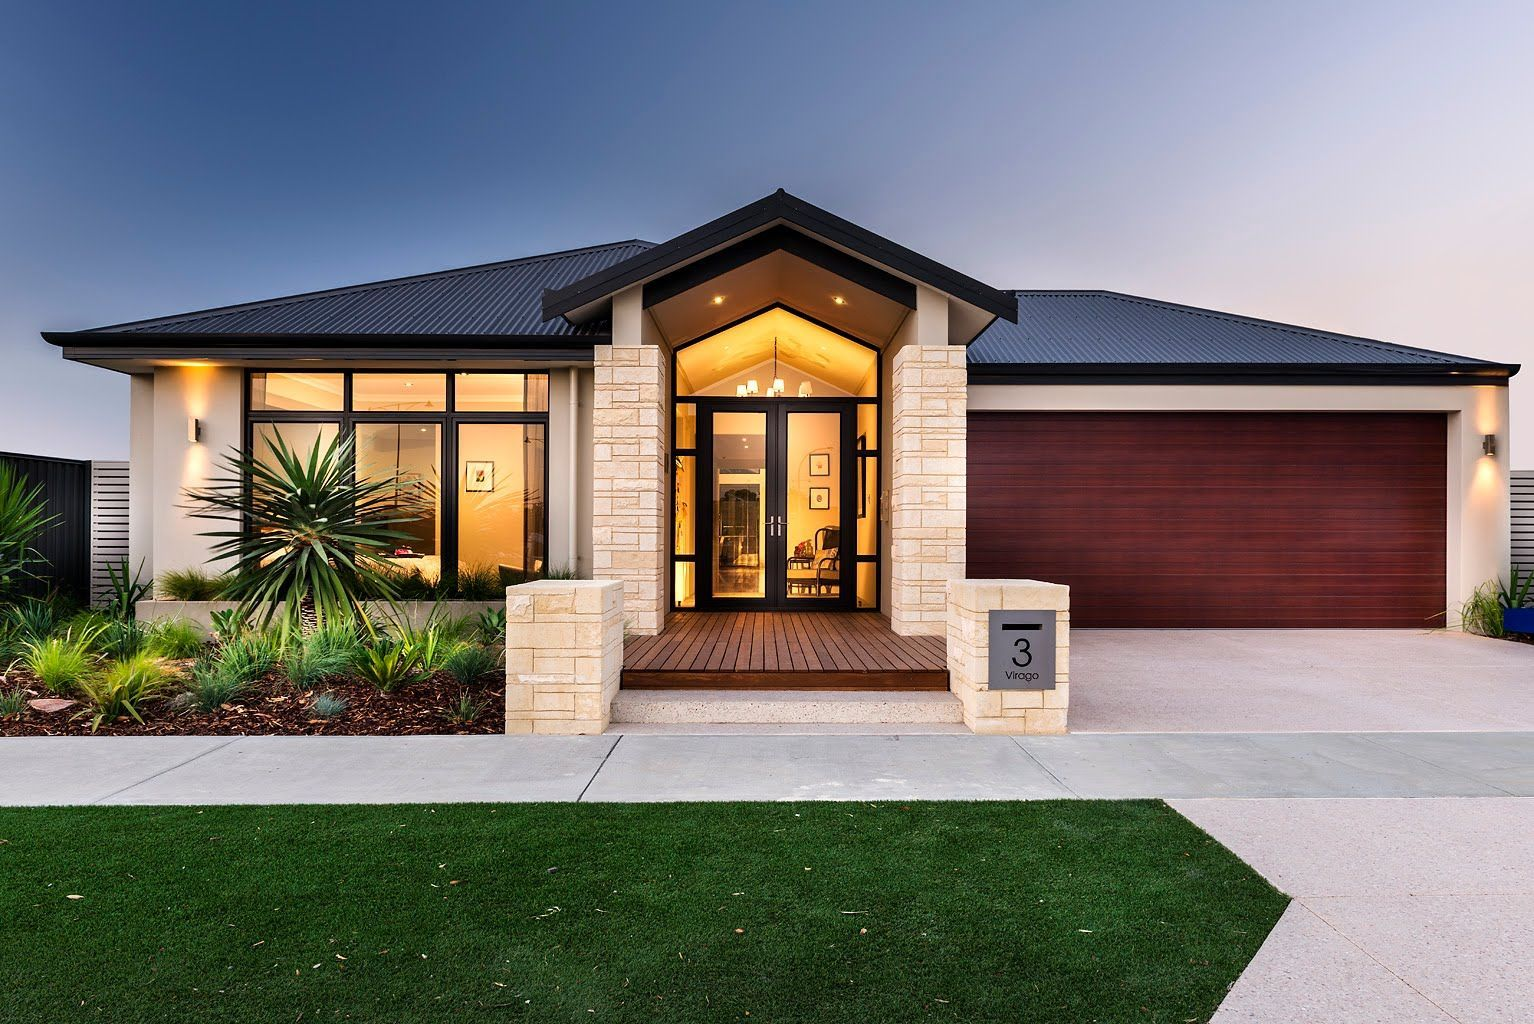 Ver fachadas de casas fachadas de casas estilos de - Ver fachadas de casas modernas ...